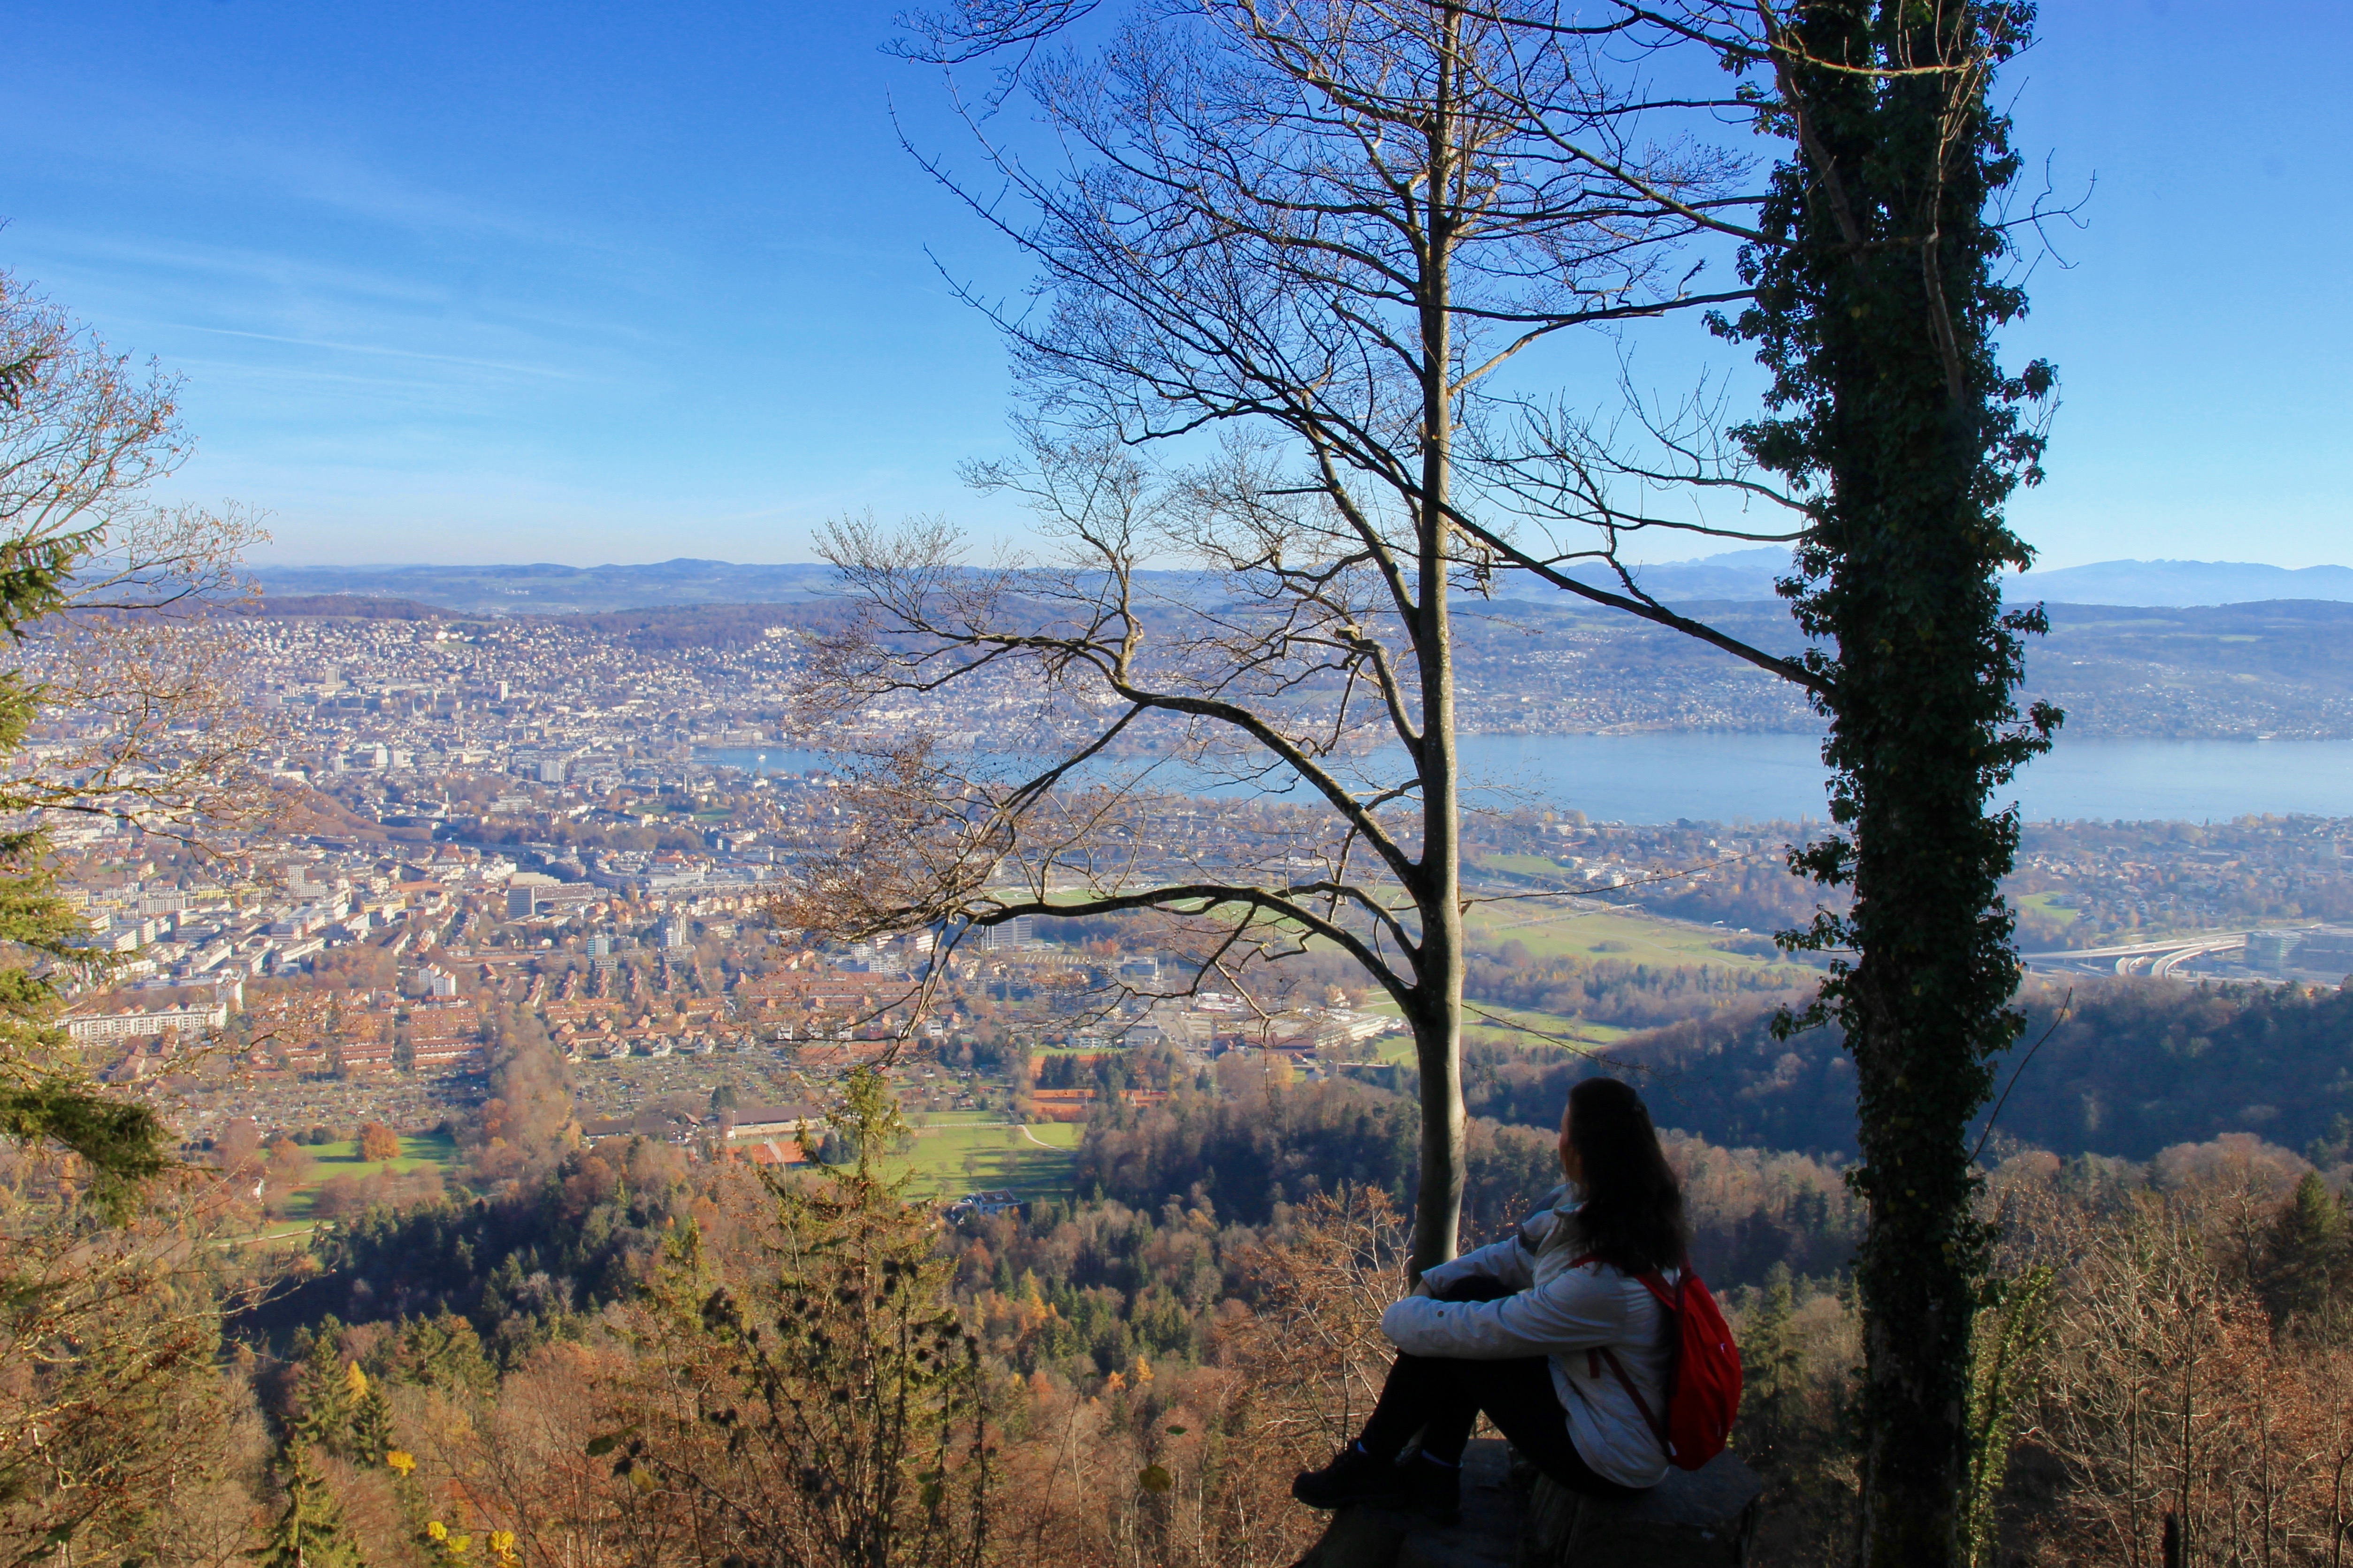 Zurigo, Uetliberg